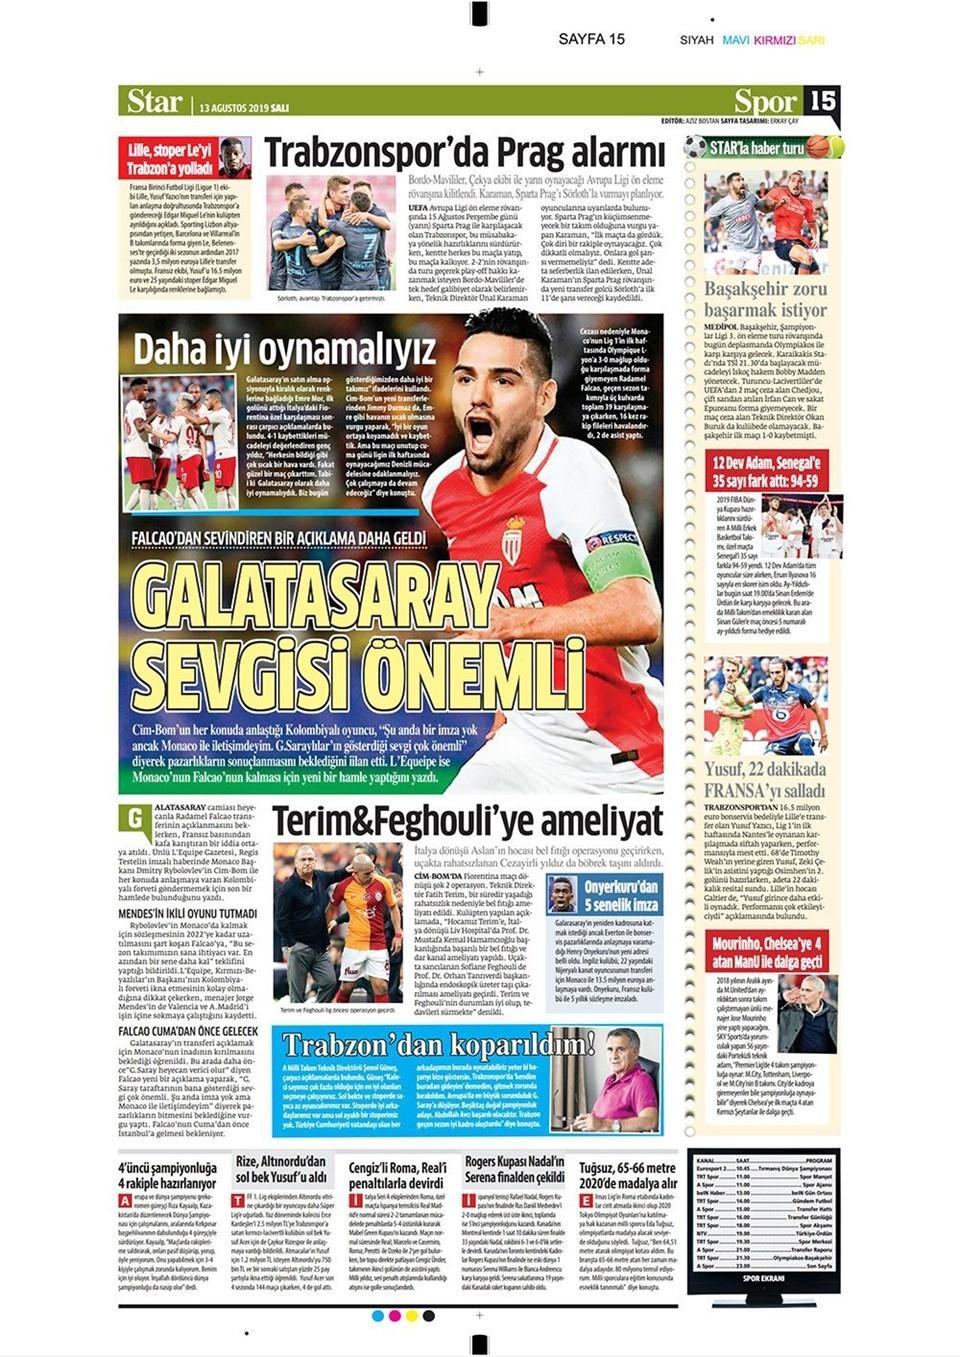 Günün spor manşetleri (13 Ağustos 2019) 1